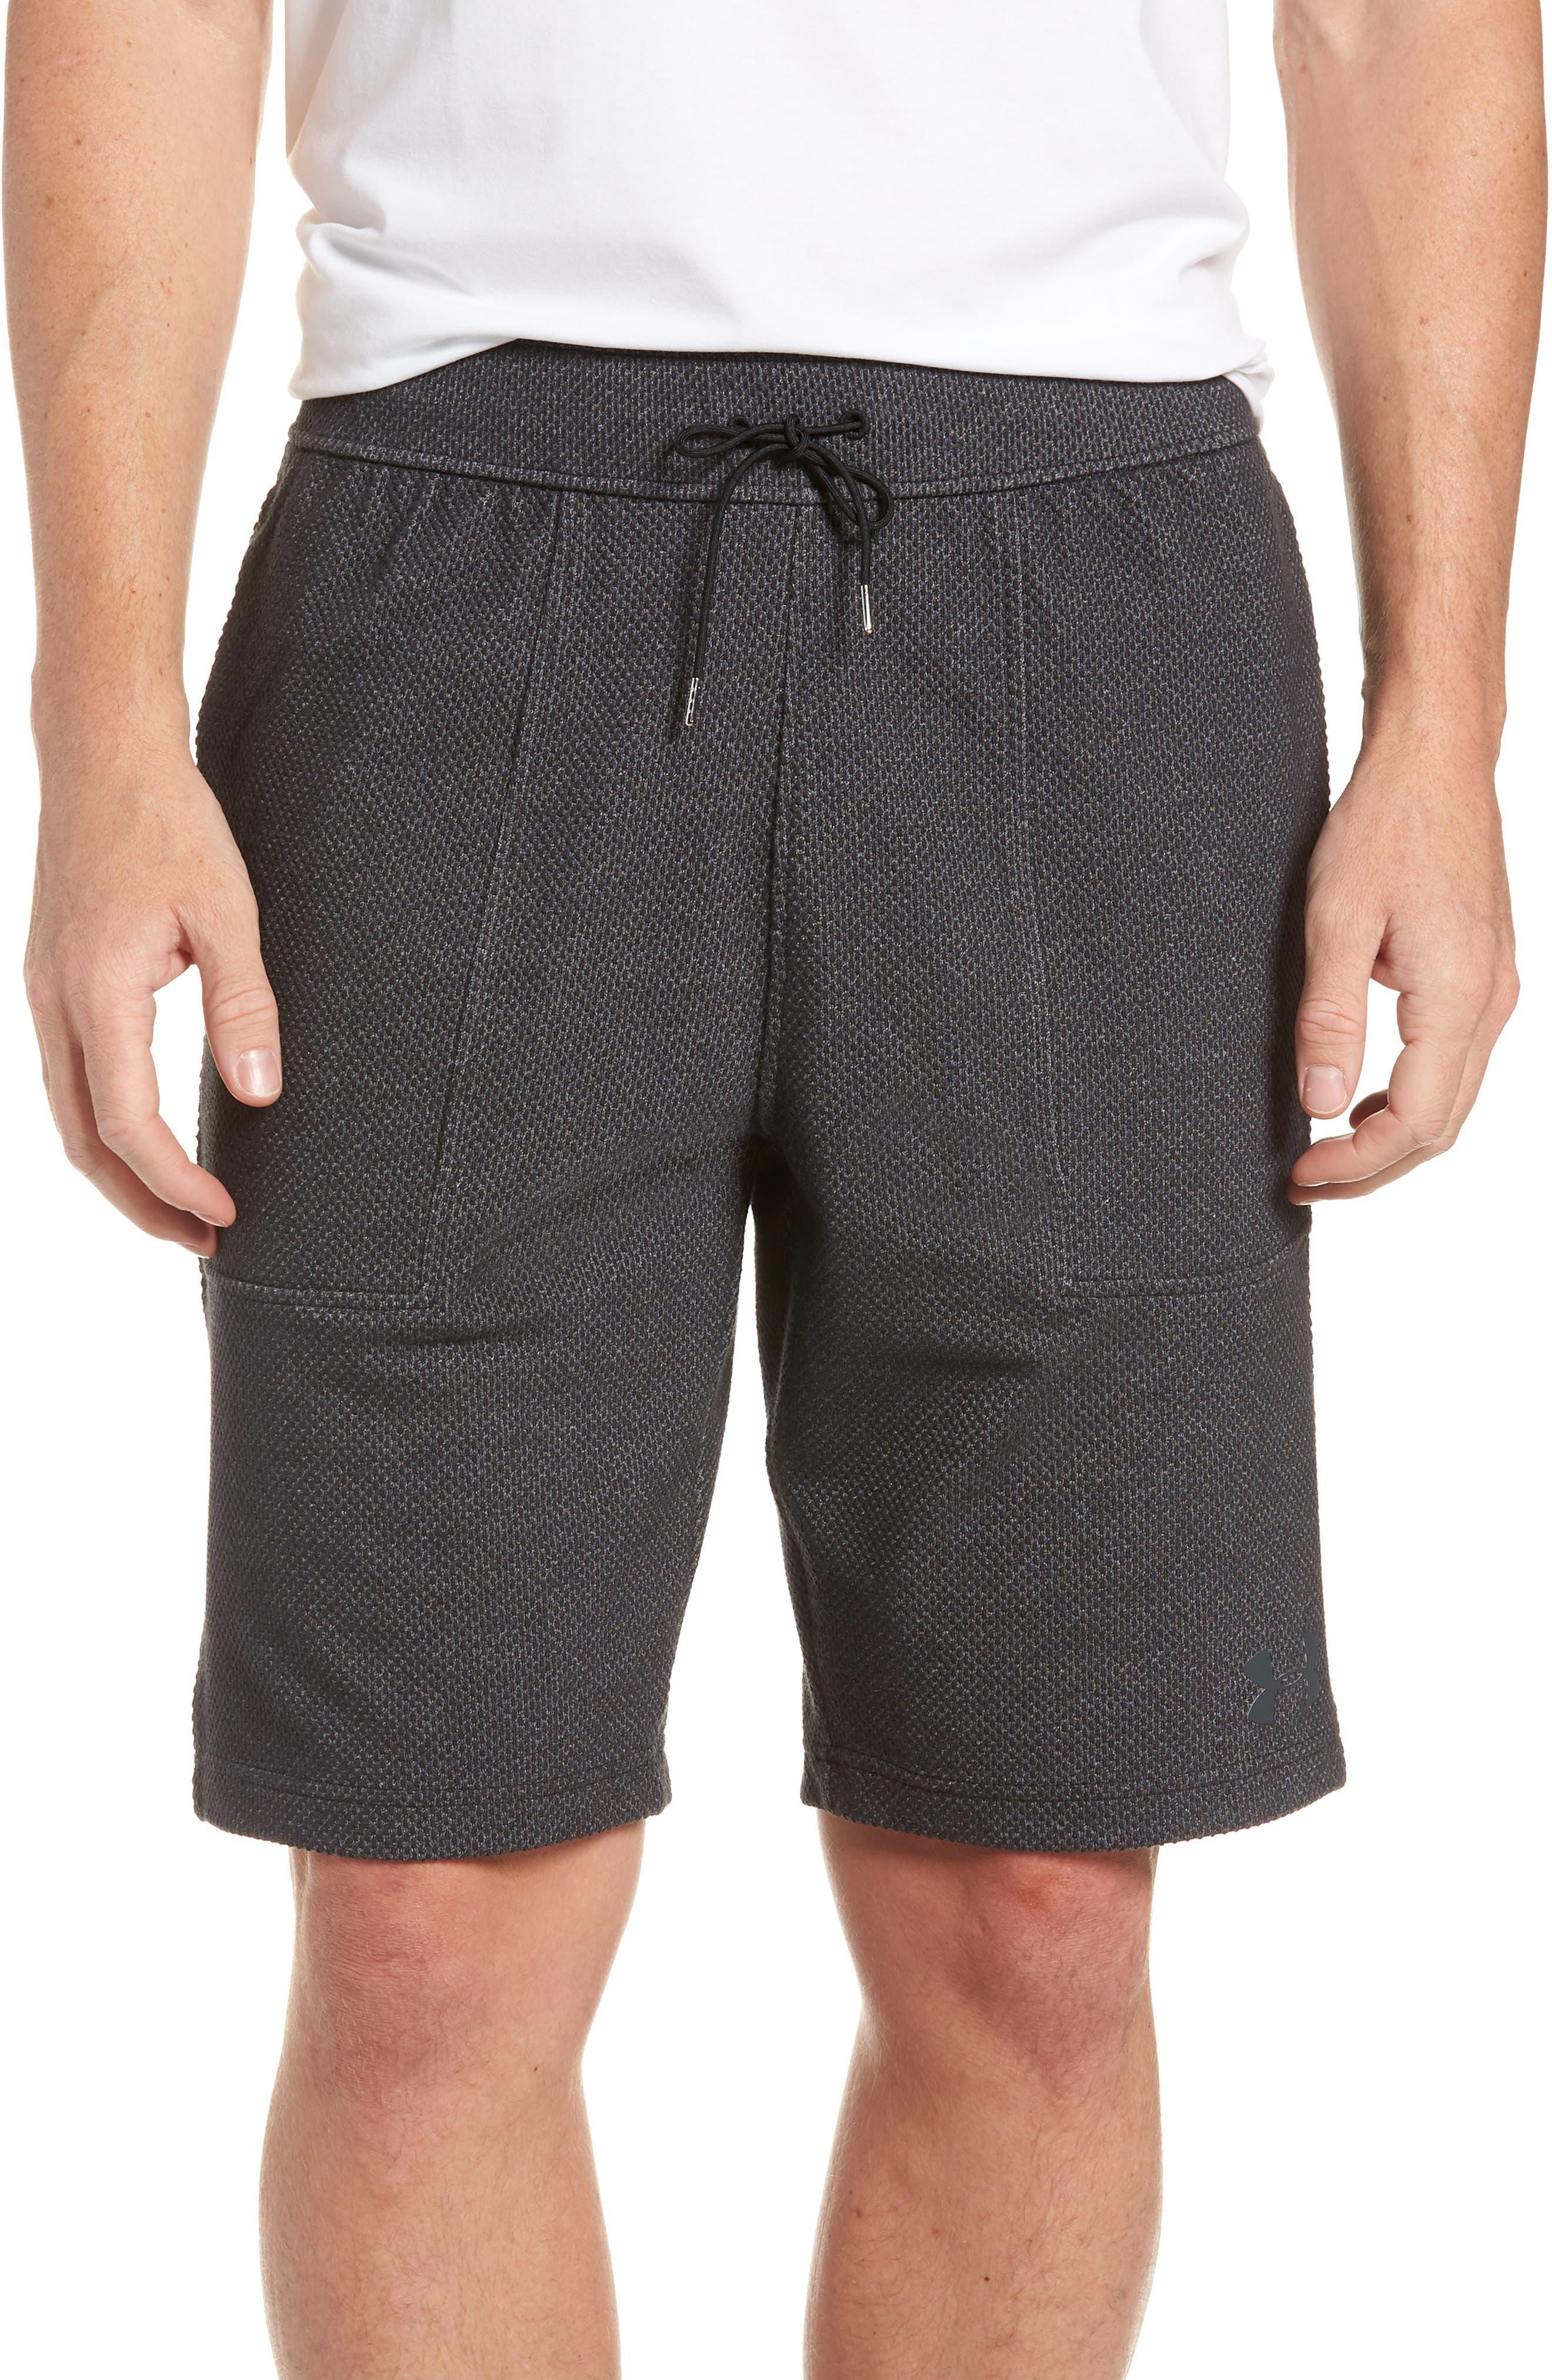 Pursuit Fleece Trim Fit Shorts,                             Main thumbnail 1, color,                             BLACK/ BLACK/ STEALTH GRAY